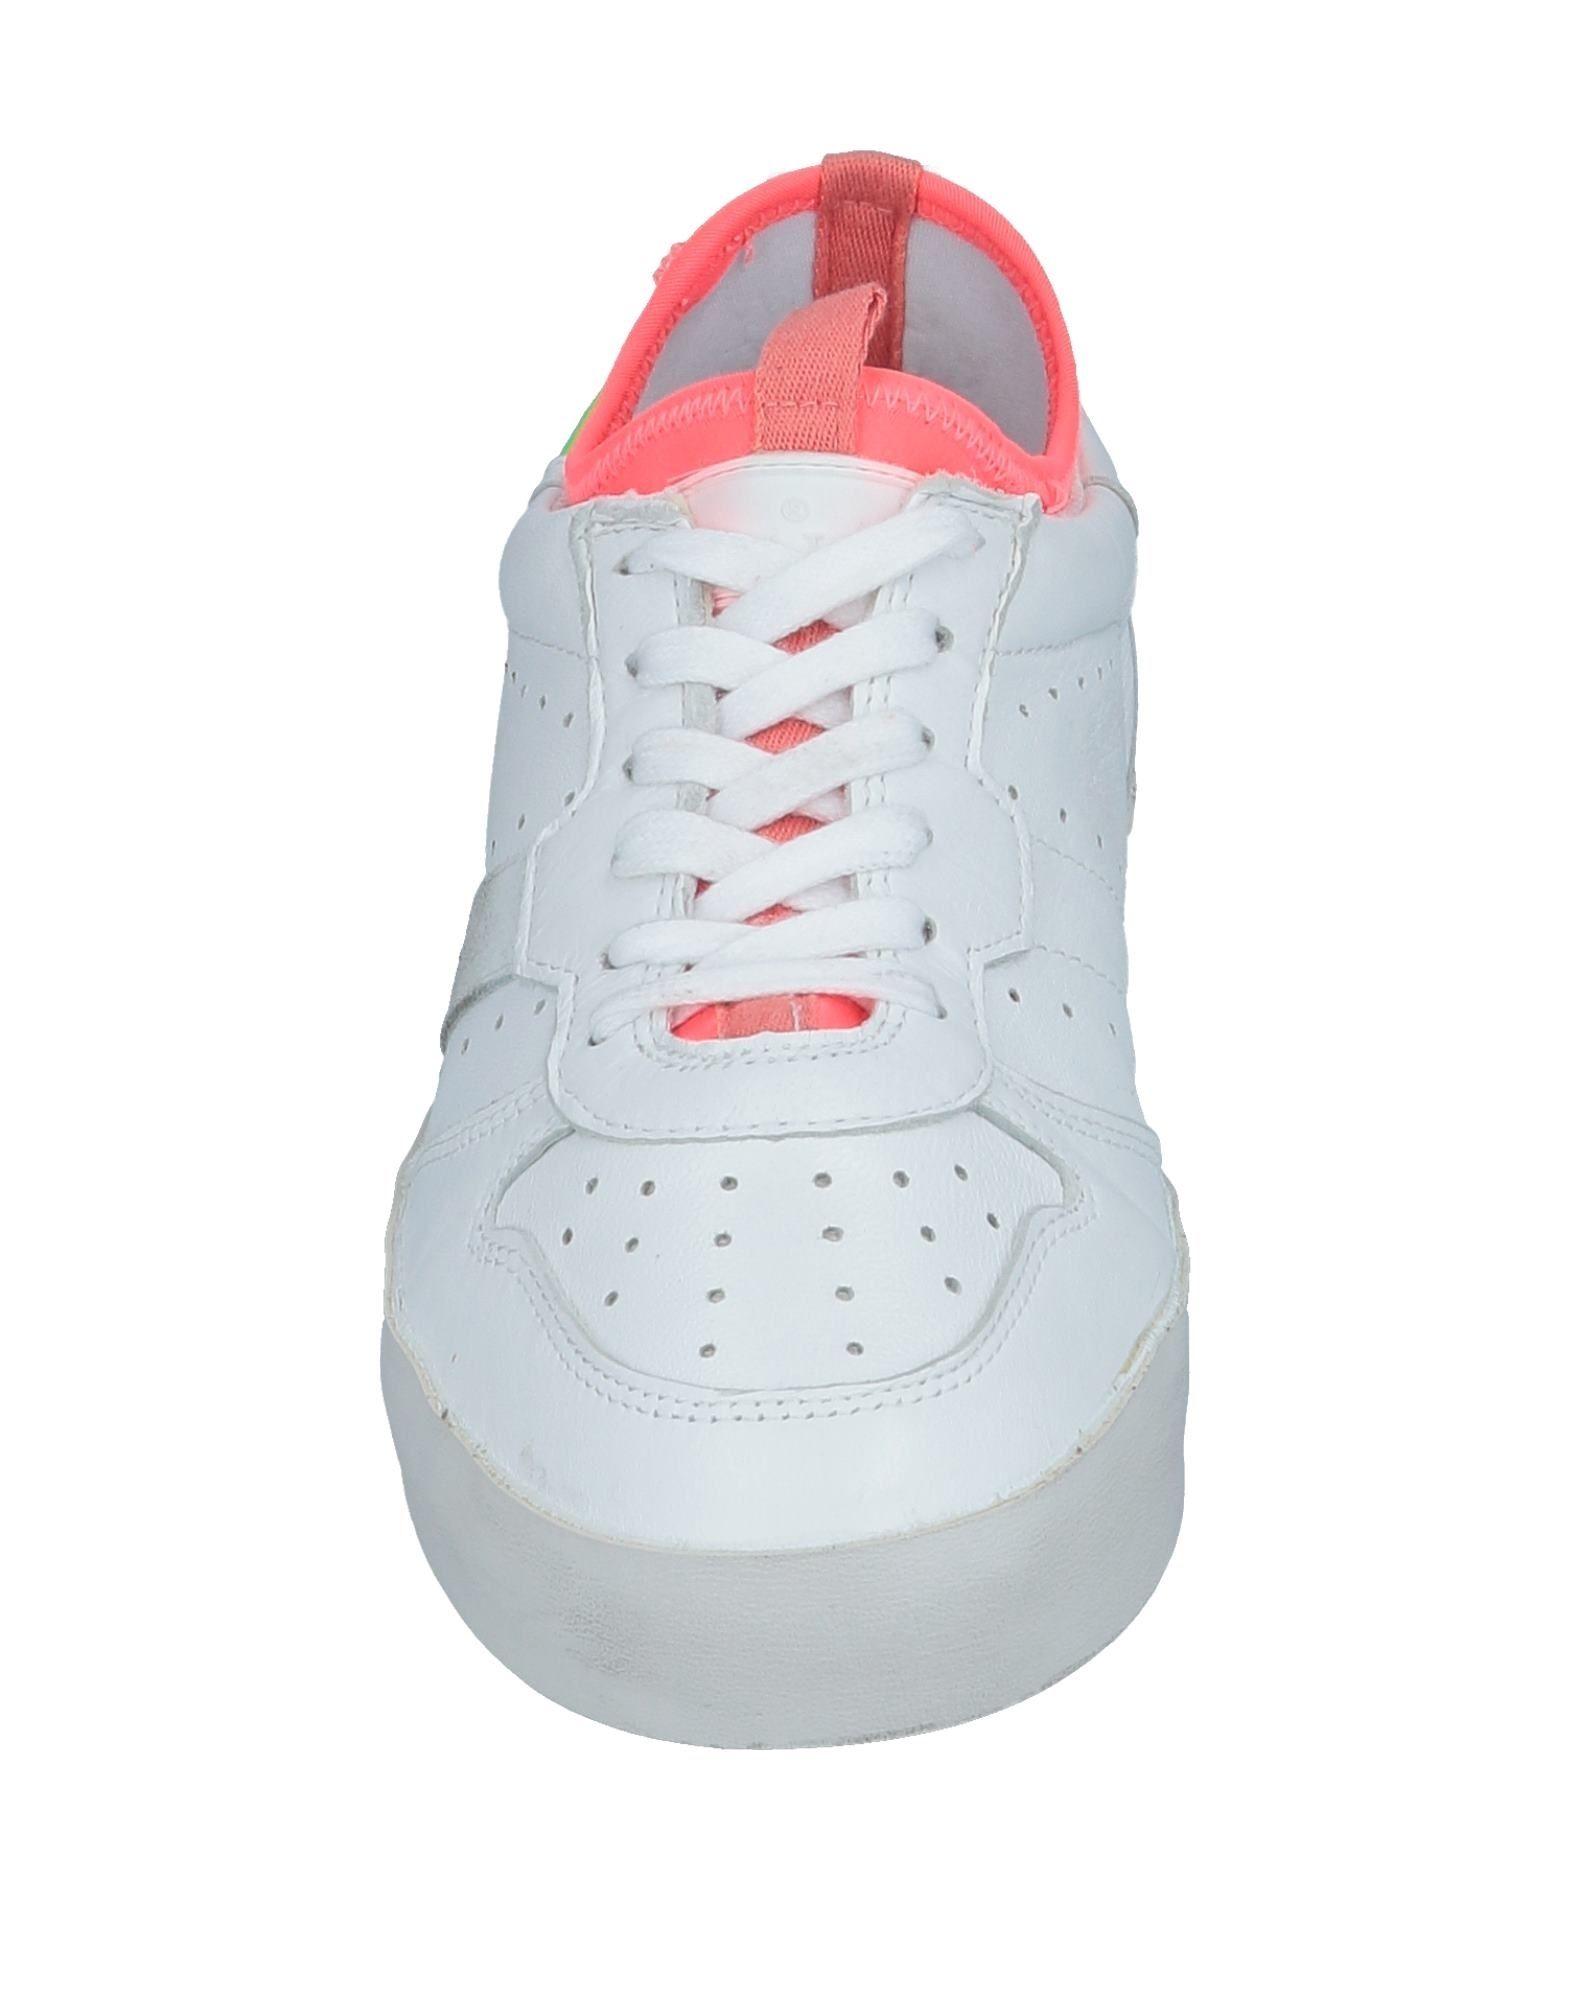 Gut um billige Damen Schuhe zu tragenD.A.T.E. Sneakers Damen billige  11554505CP e139d9